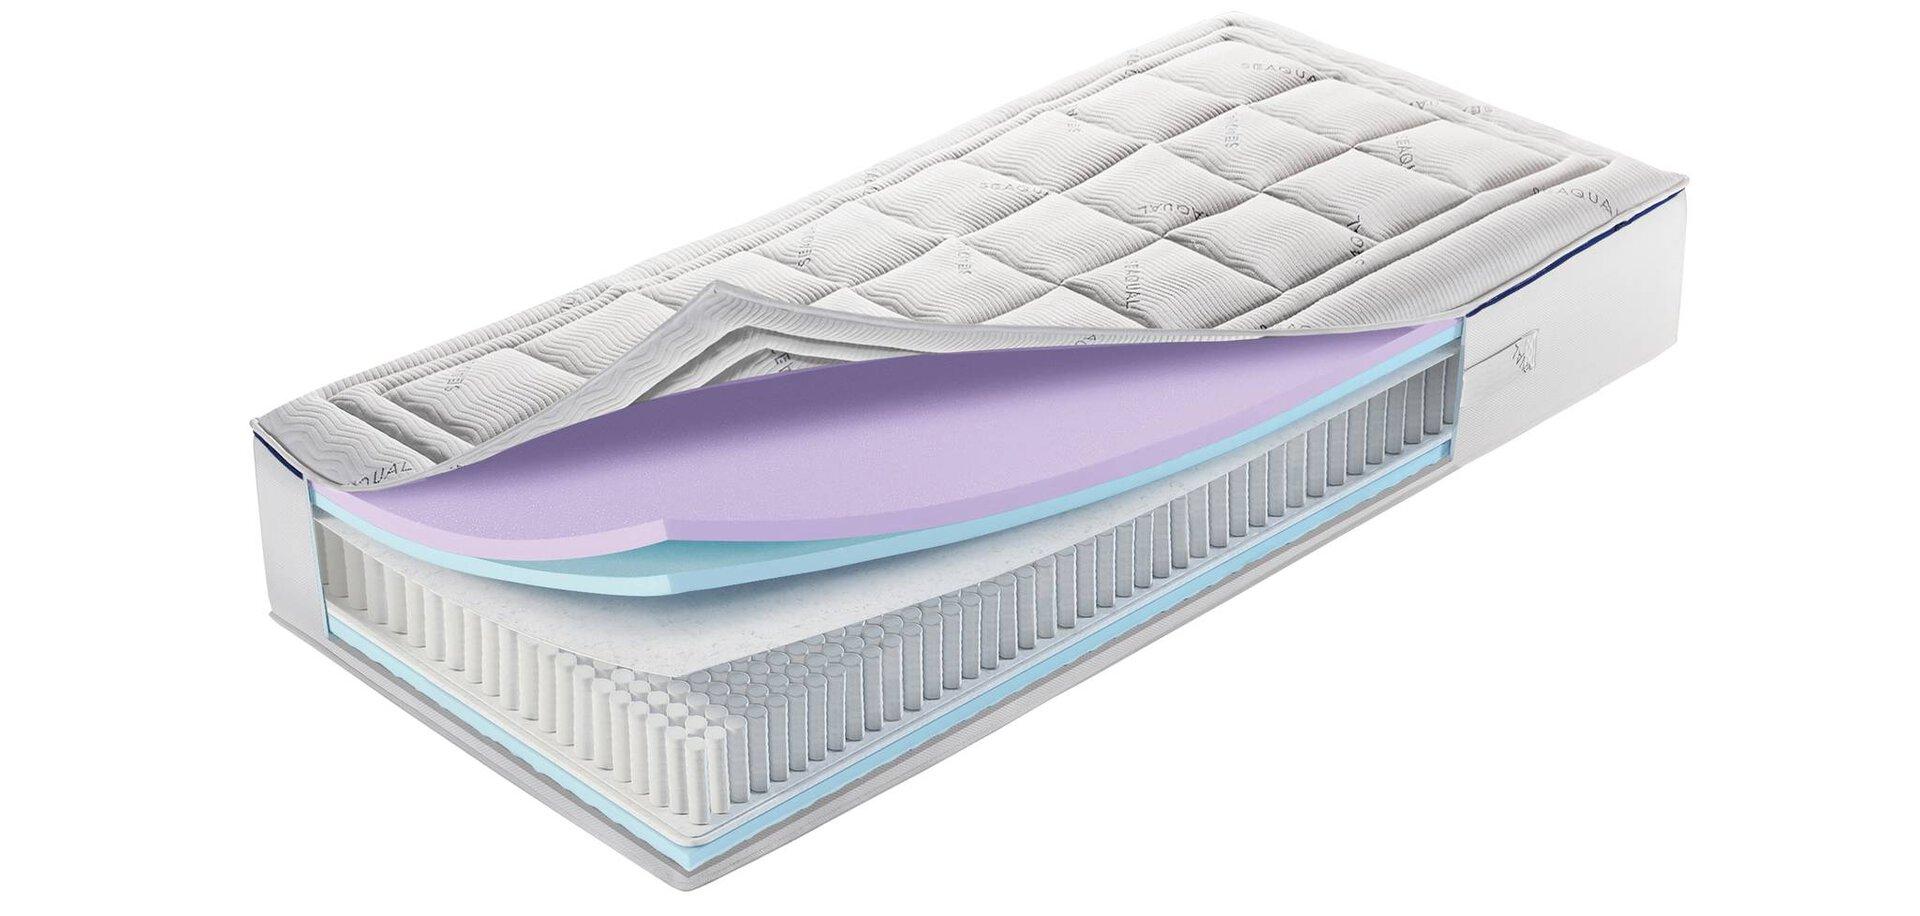 Taschenfederkernmatratze Deepblue Andros MONDO Textil weiß 140 x 27 x 200 cm